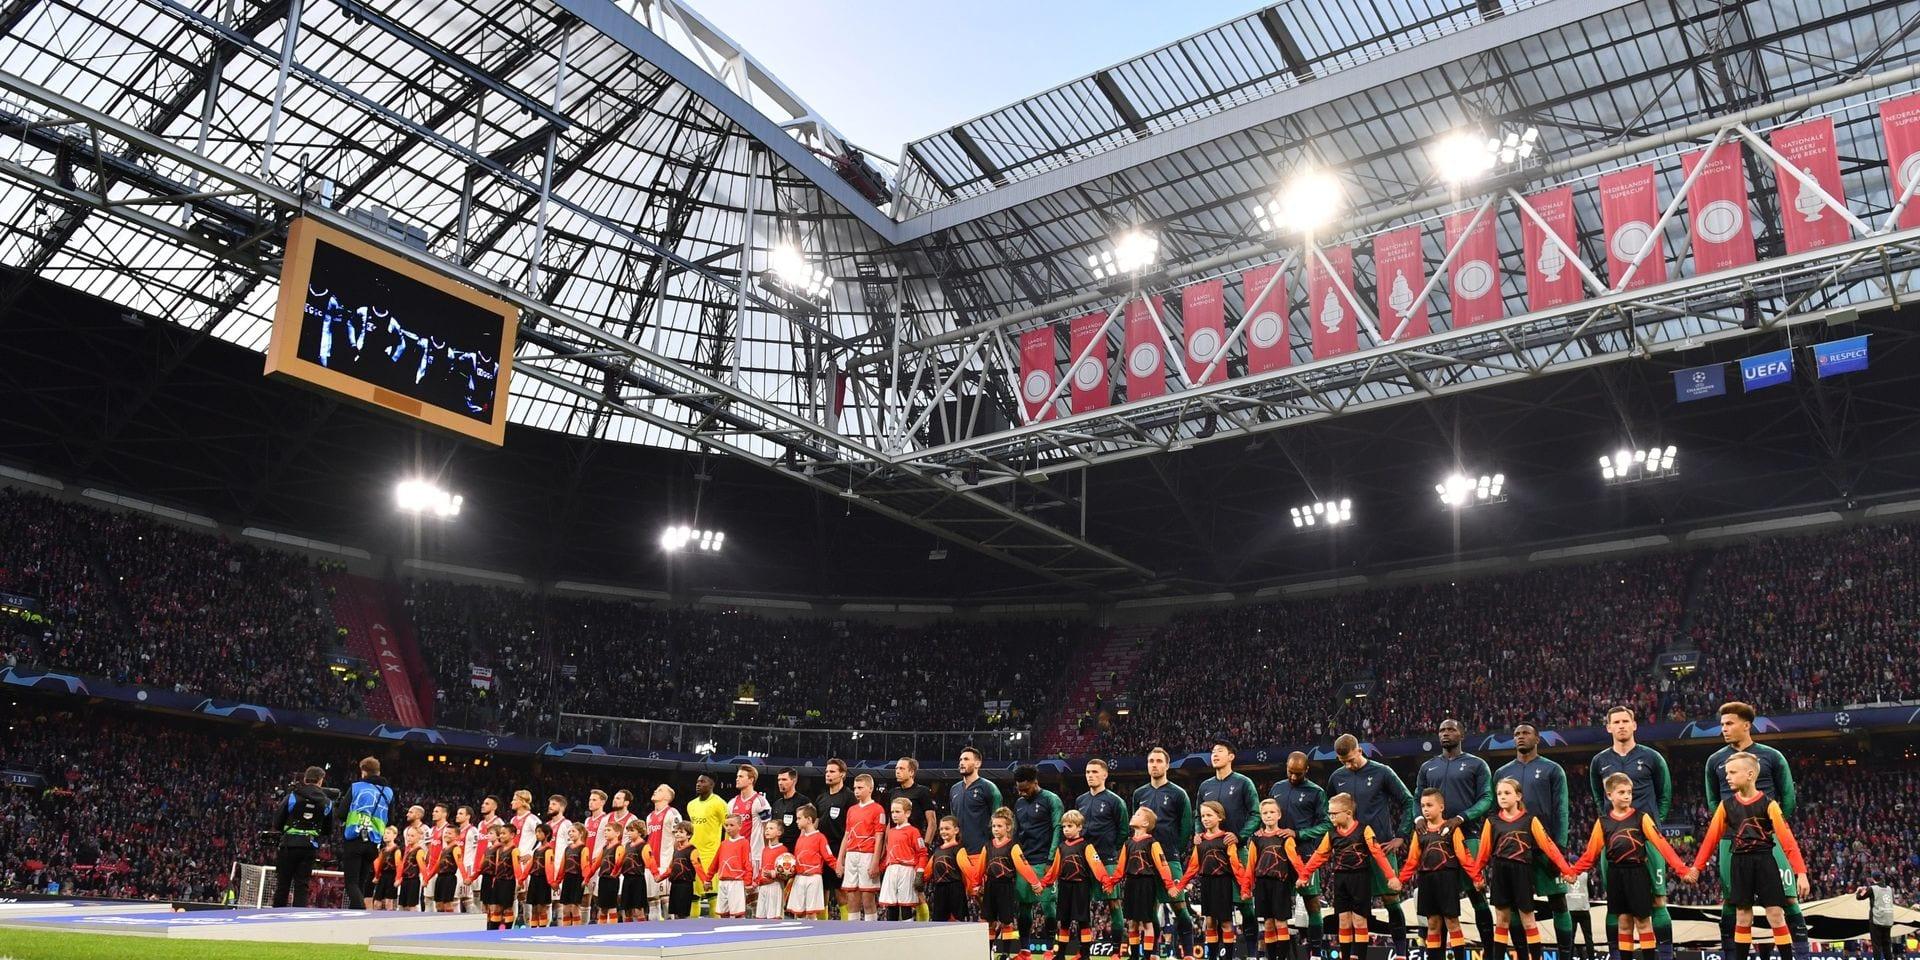 Amsterdam confirmée comme ville-hôte de quatre matches pour l'Euro